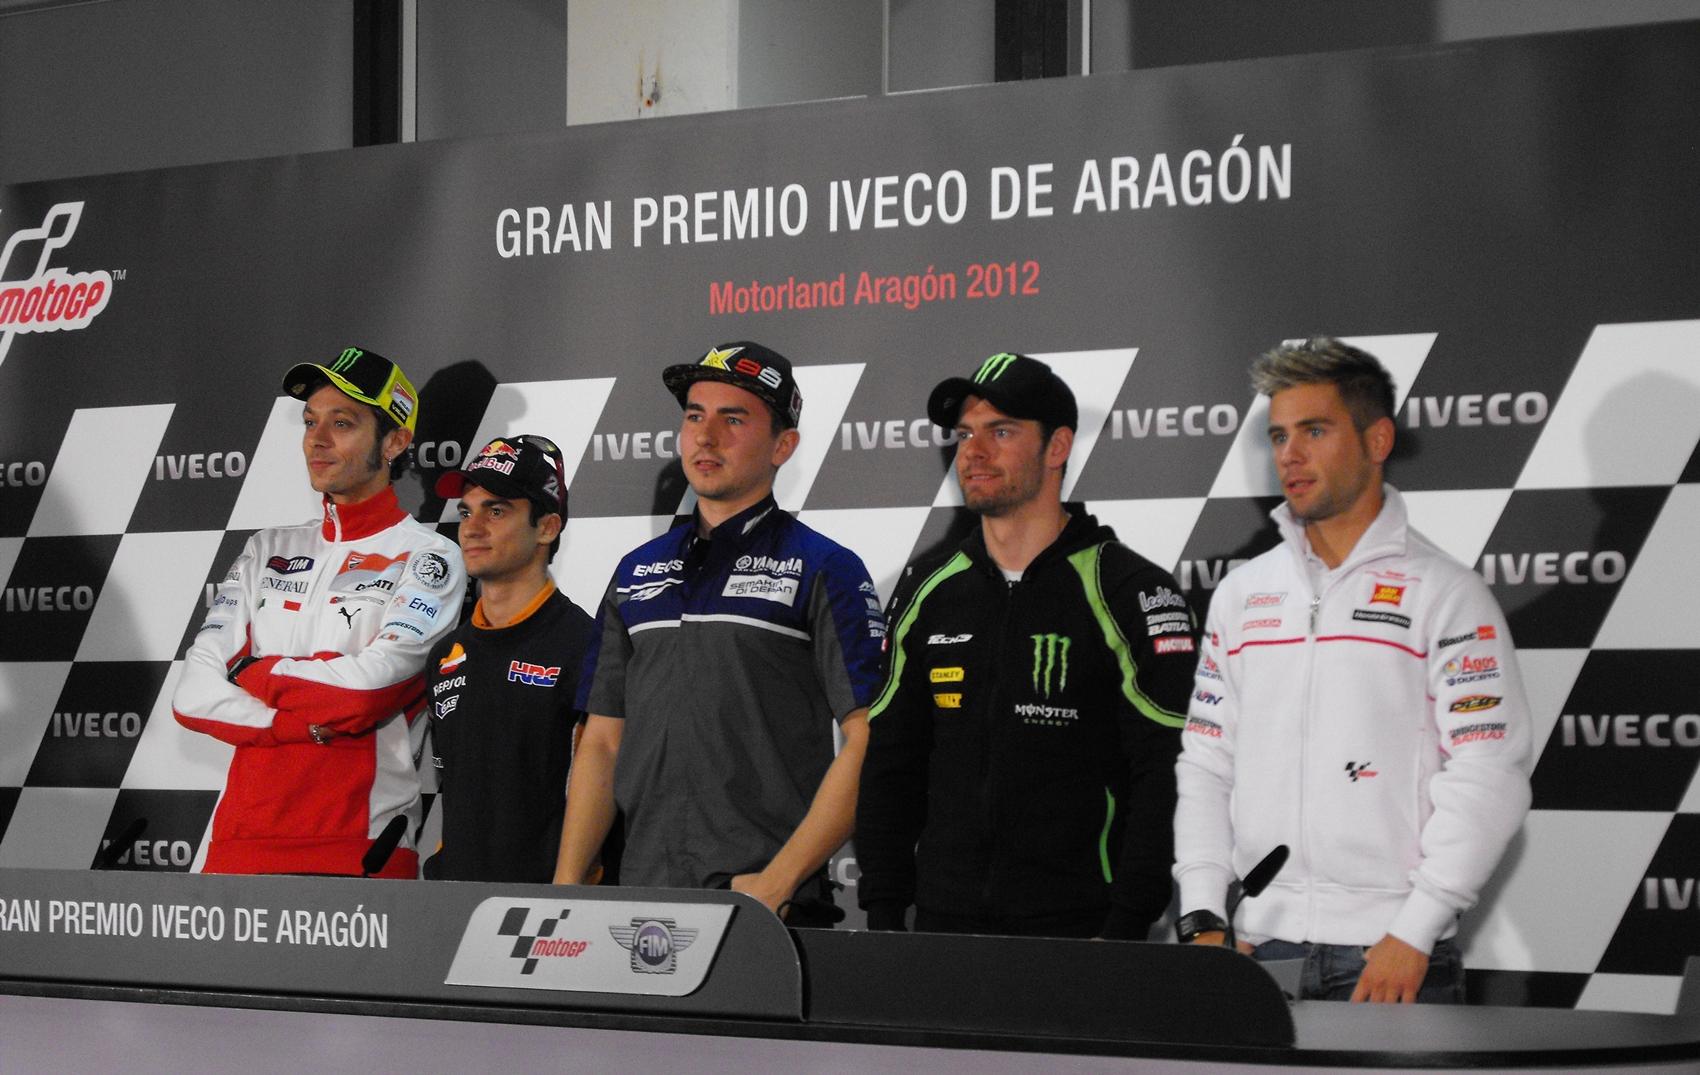 La rueda de prensa oficial pone en marcha el GP de Aragón